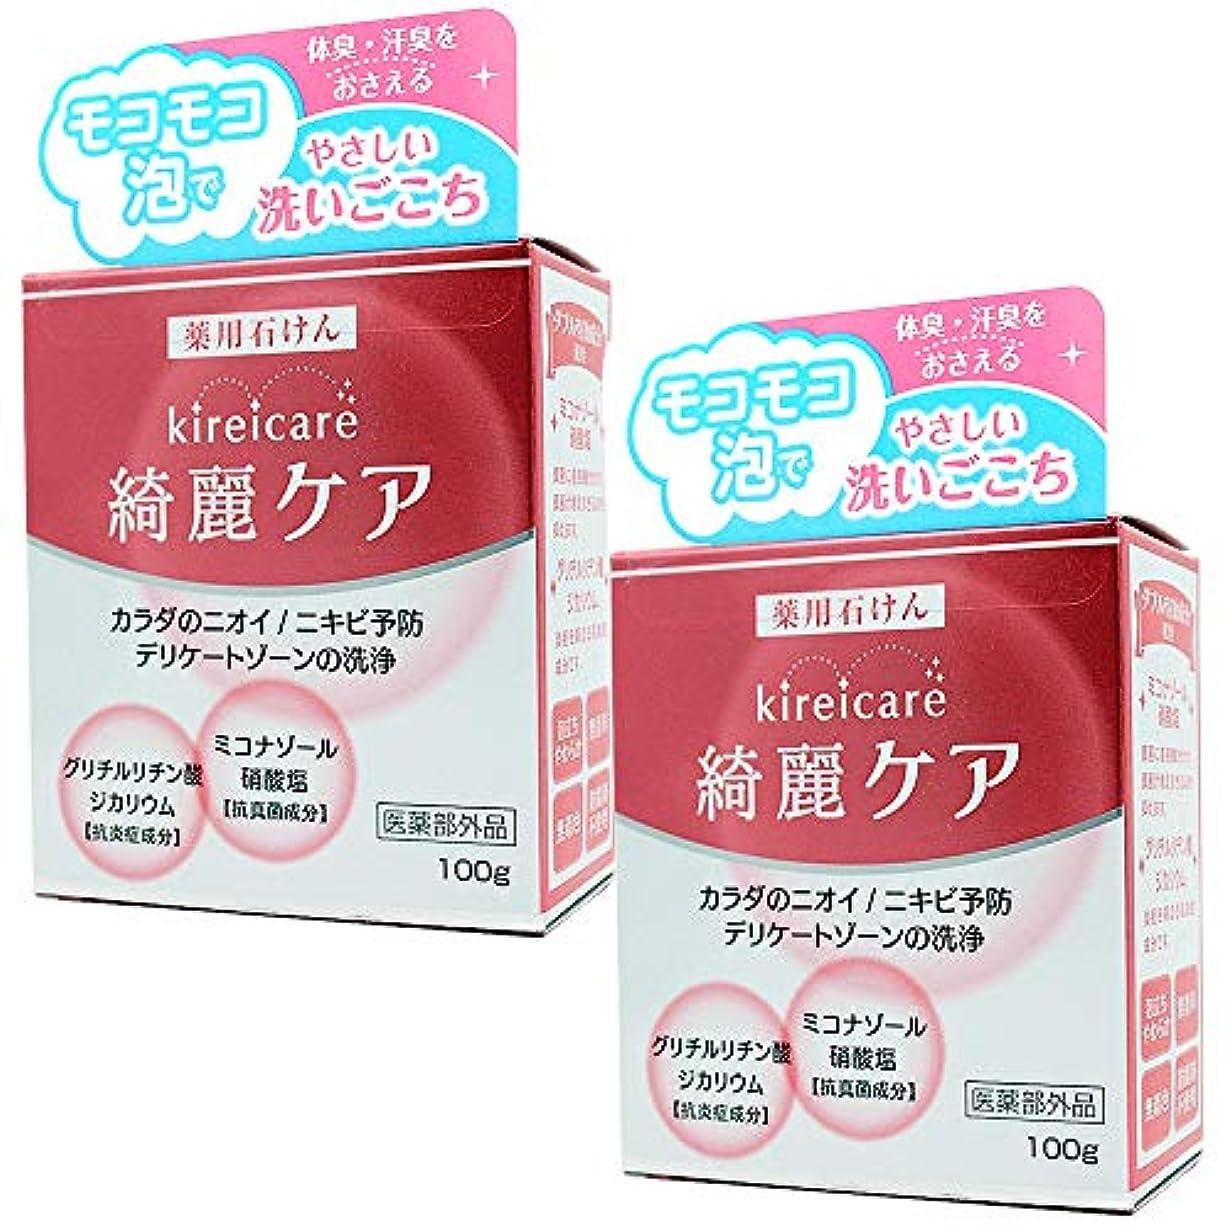 白金製薬 ミコナゾール 綺麗ケア 薬用石けん 100g [医薬部外品] 2個セット